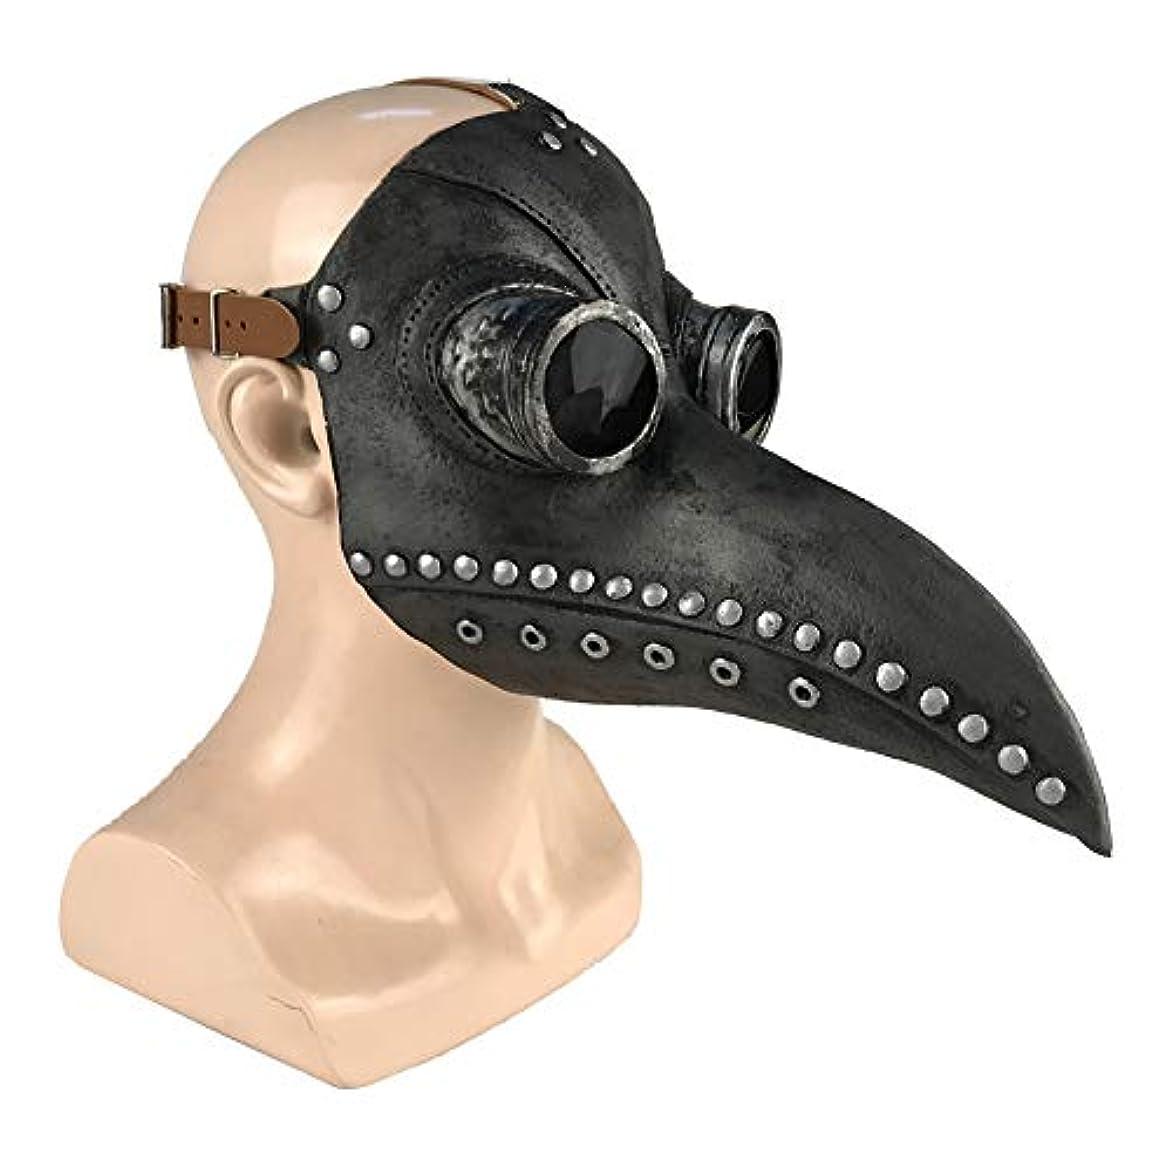 太い連邦意図するEsolom ハロウィンマスク ペストスチーム喙ドクターマスク ホリデーパーティー用品 黒 銅の爪 ホラーマスク ハロウィンデコレーション 通気性